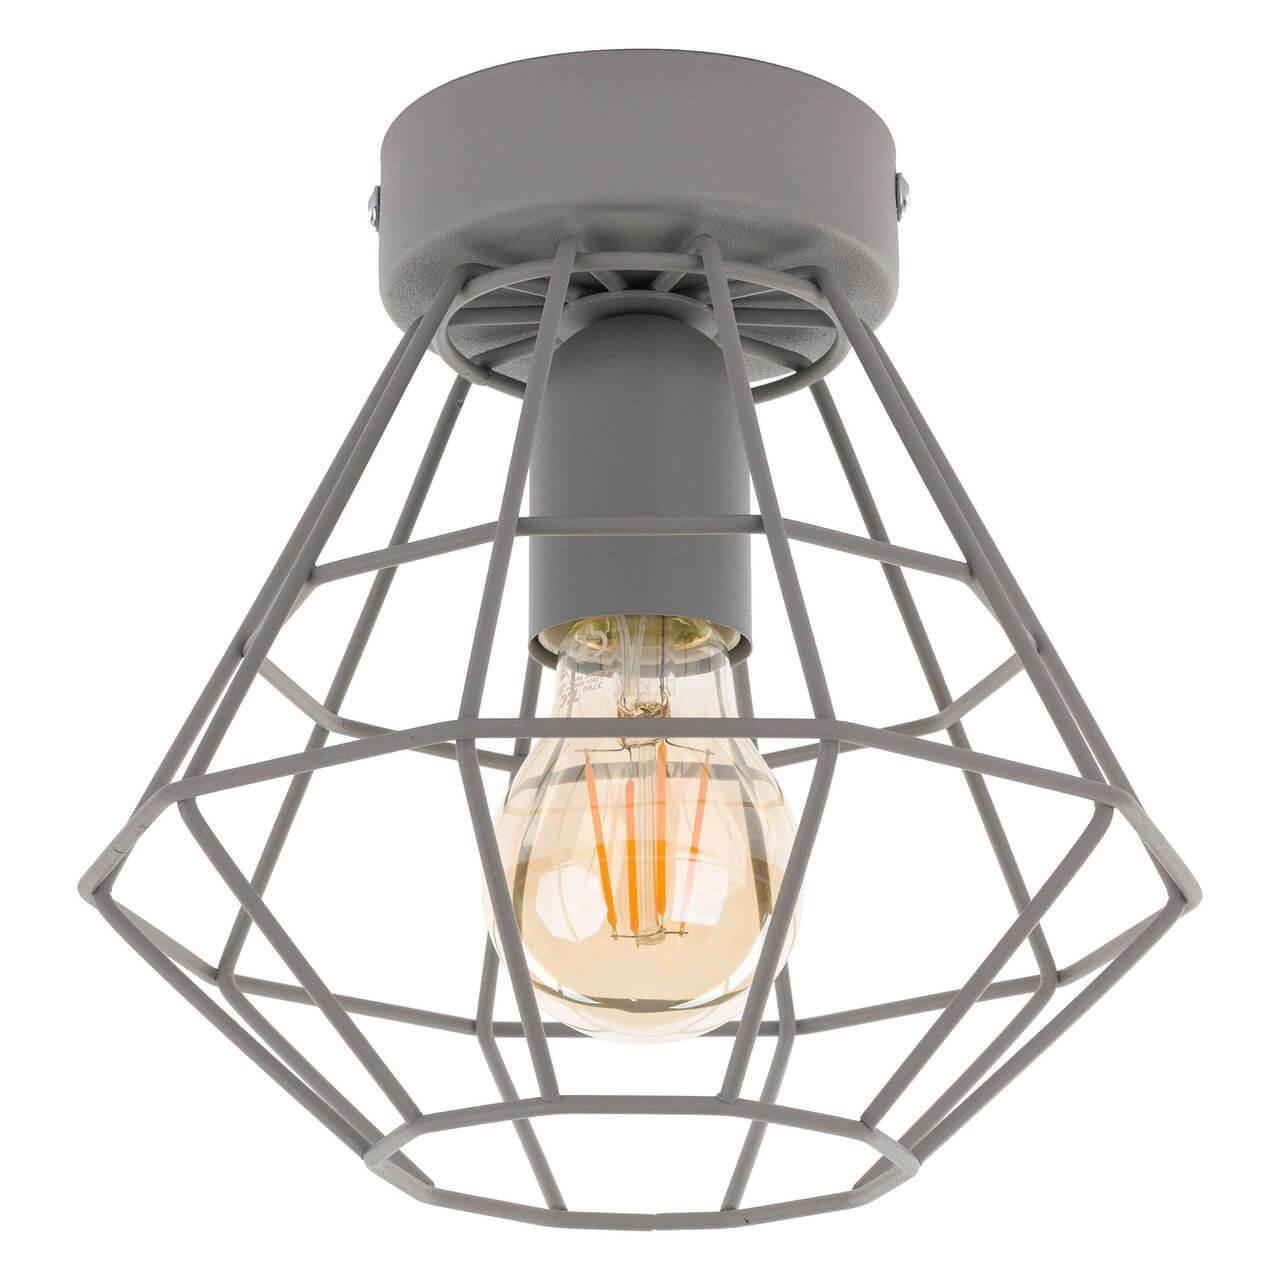 Потолочный светильник TK Lighting 2293 Diamond светильник потолочный vision lighting